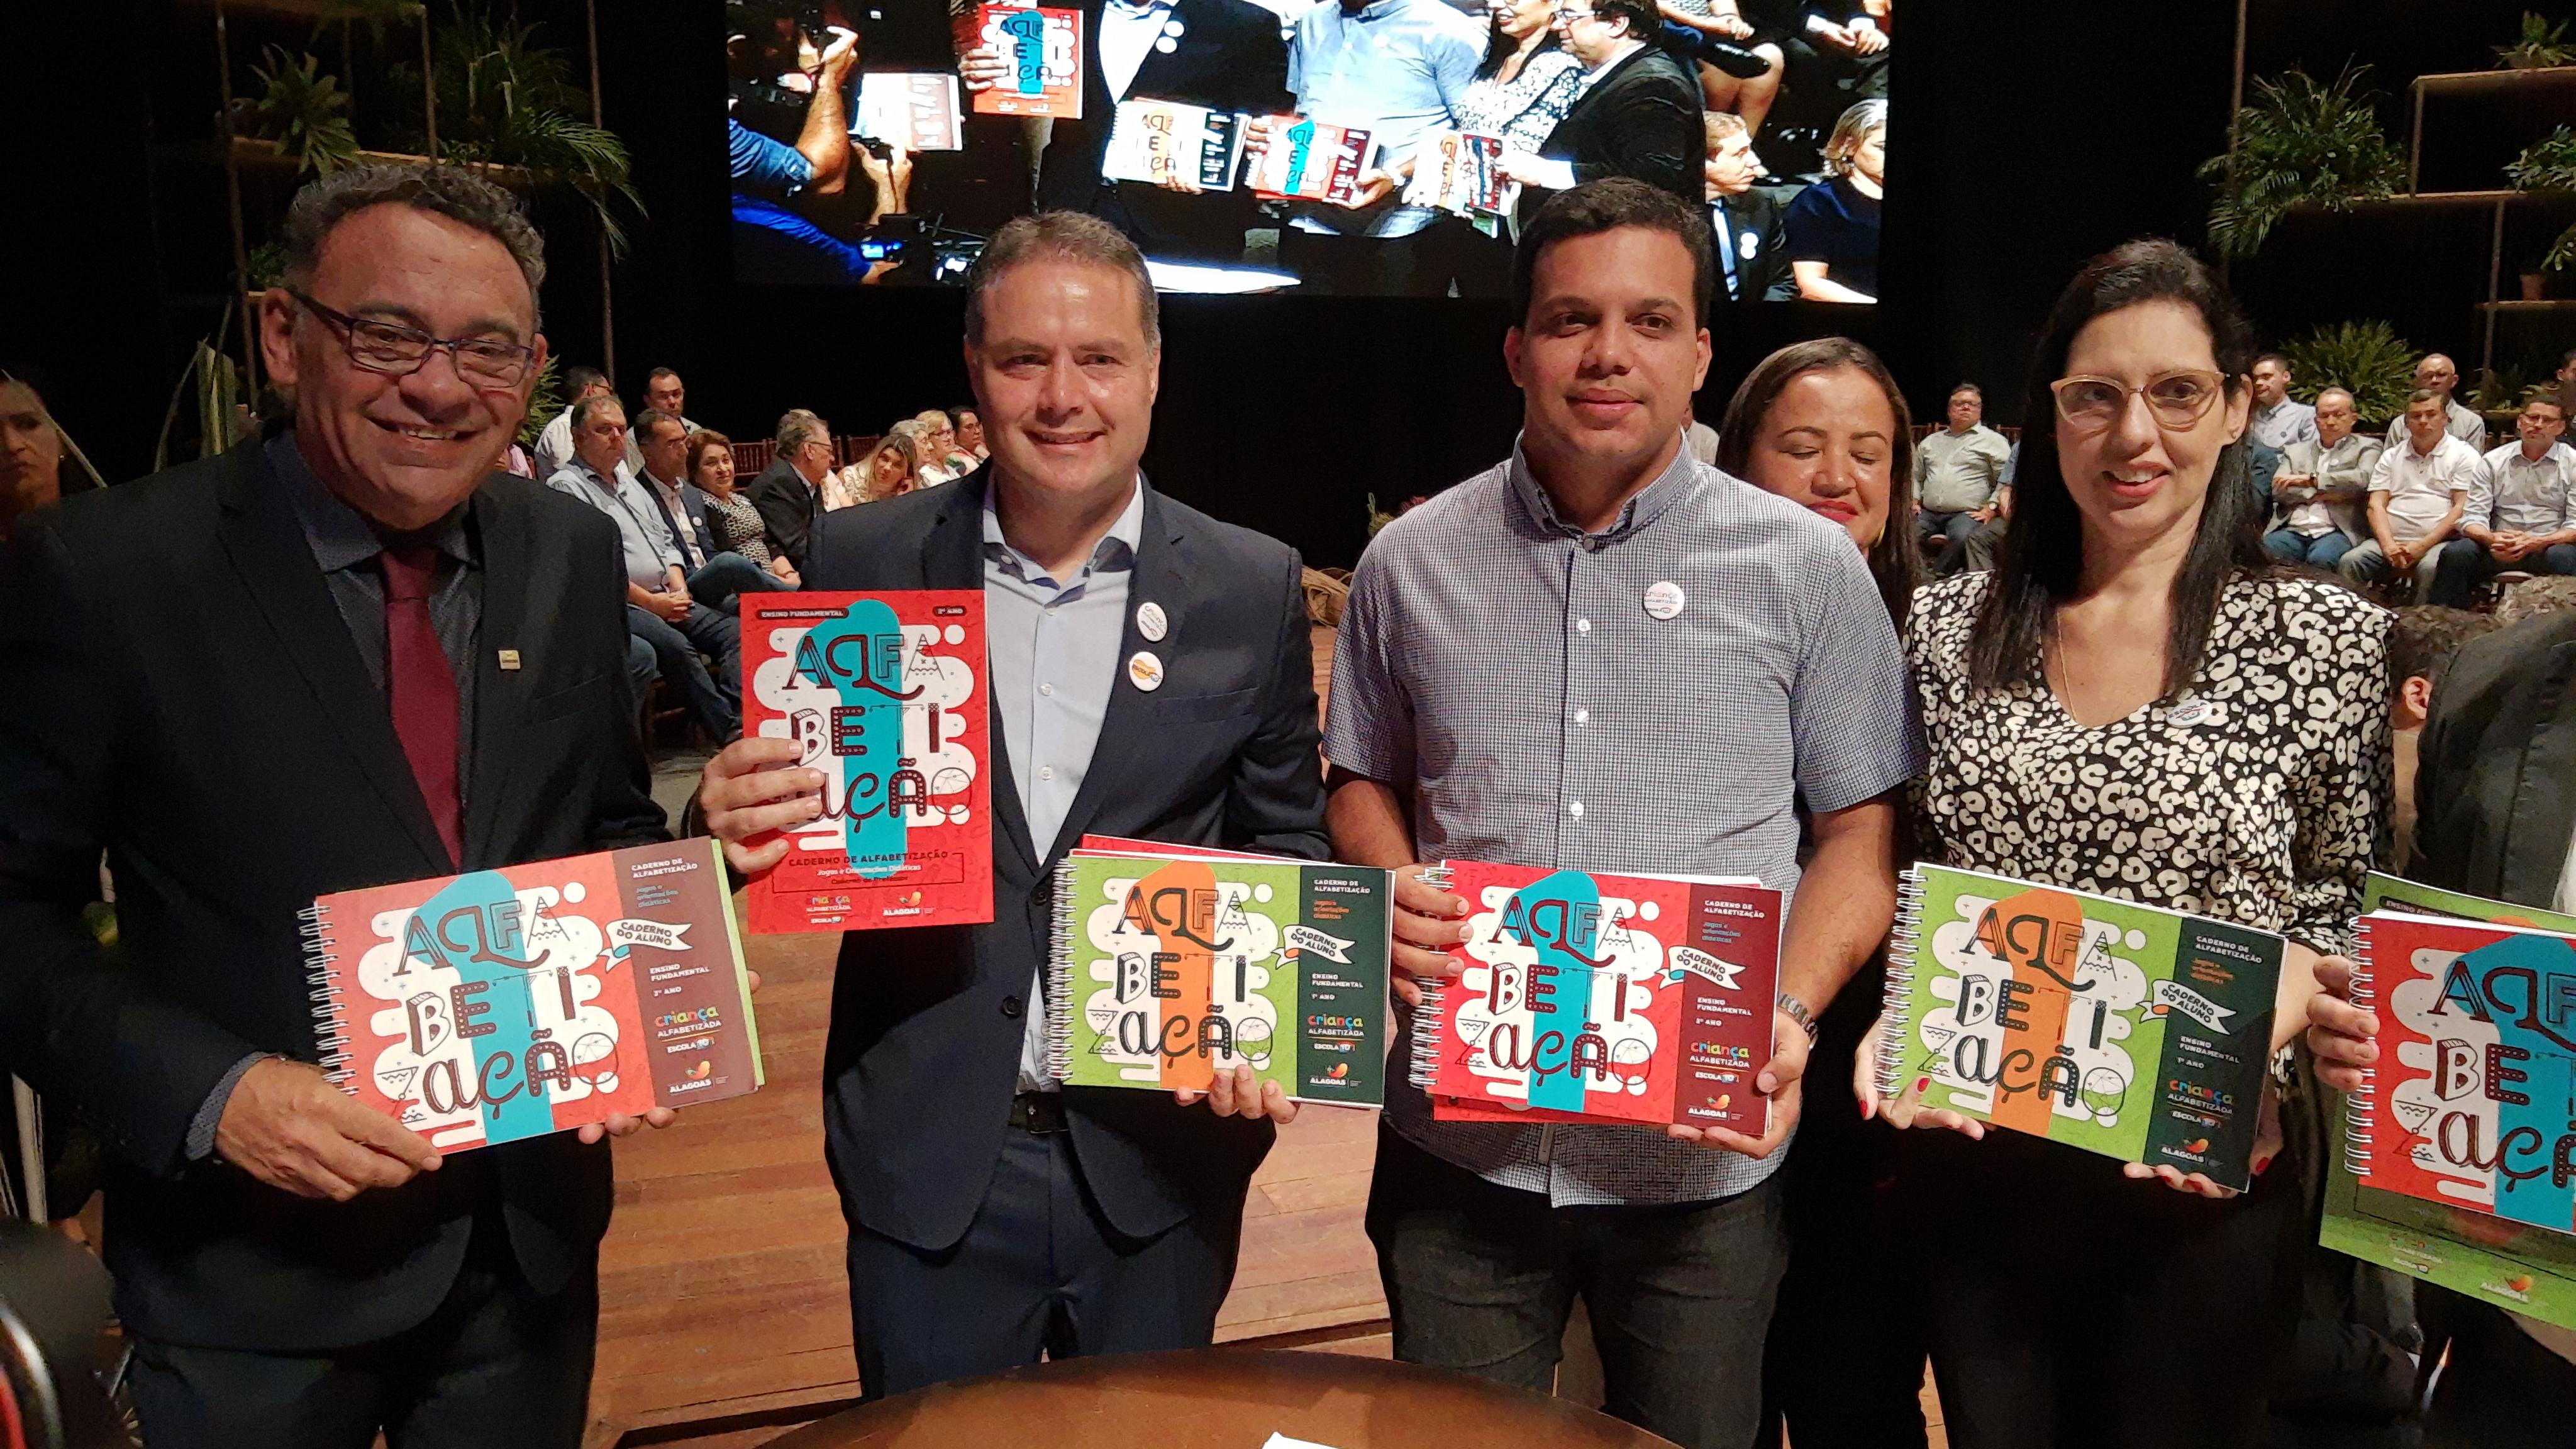 Governo de Alagoas lança dois novos programas da Educação em parceria com a Undime Alagoas e municípios